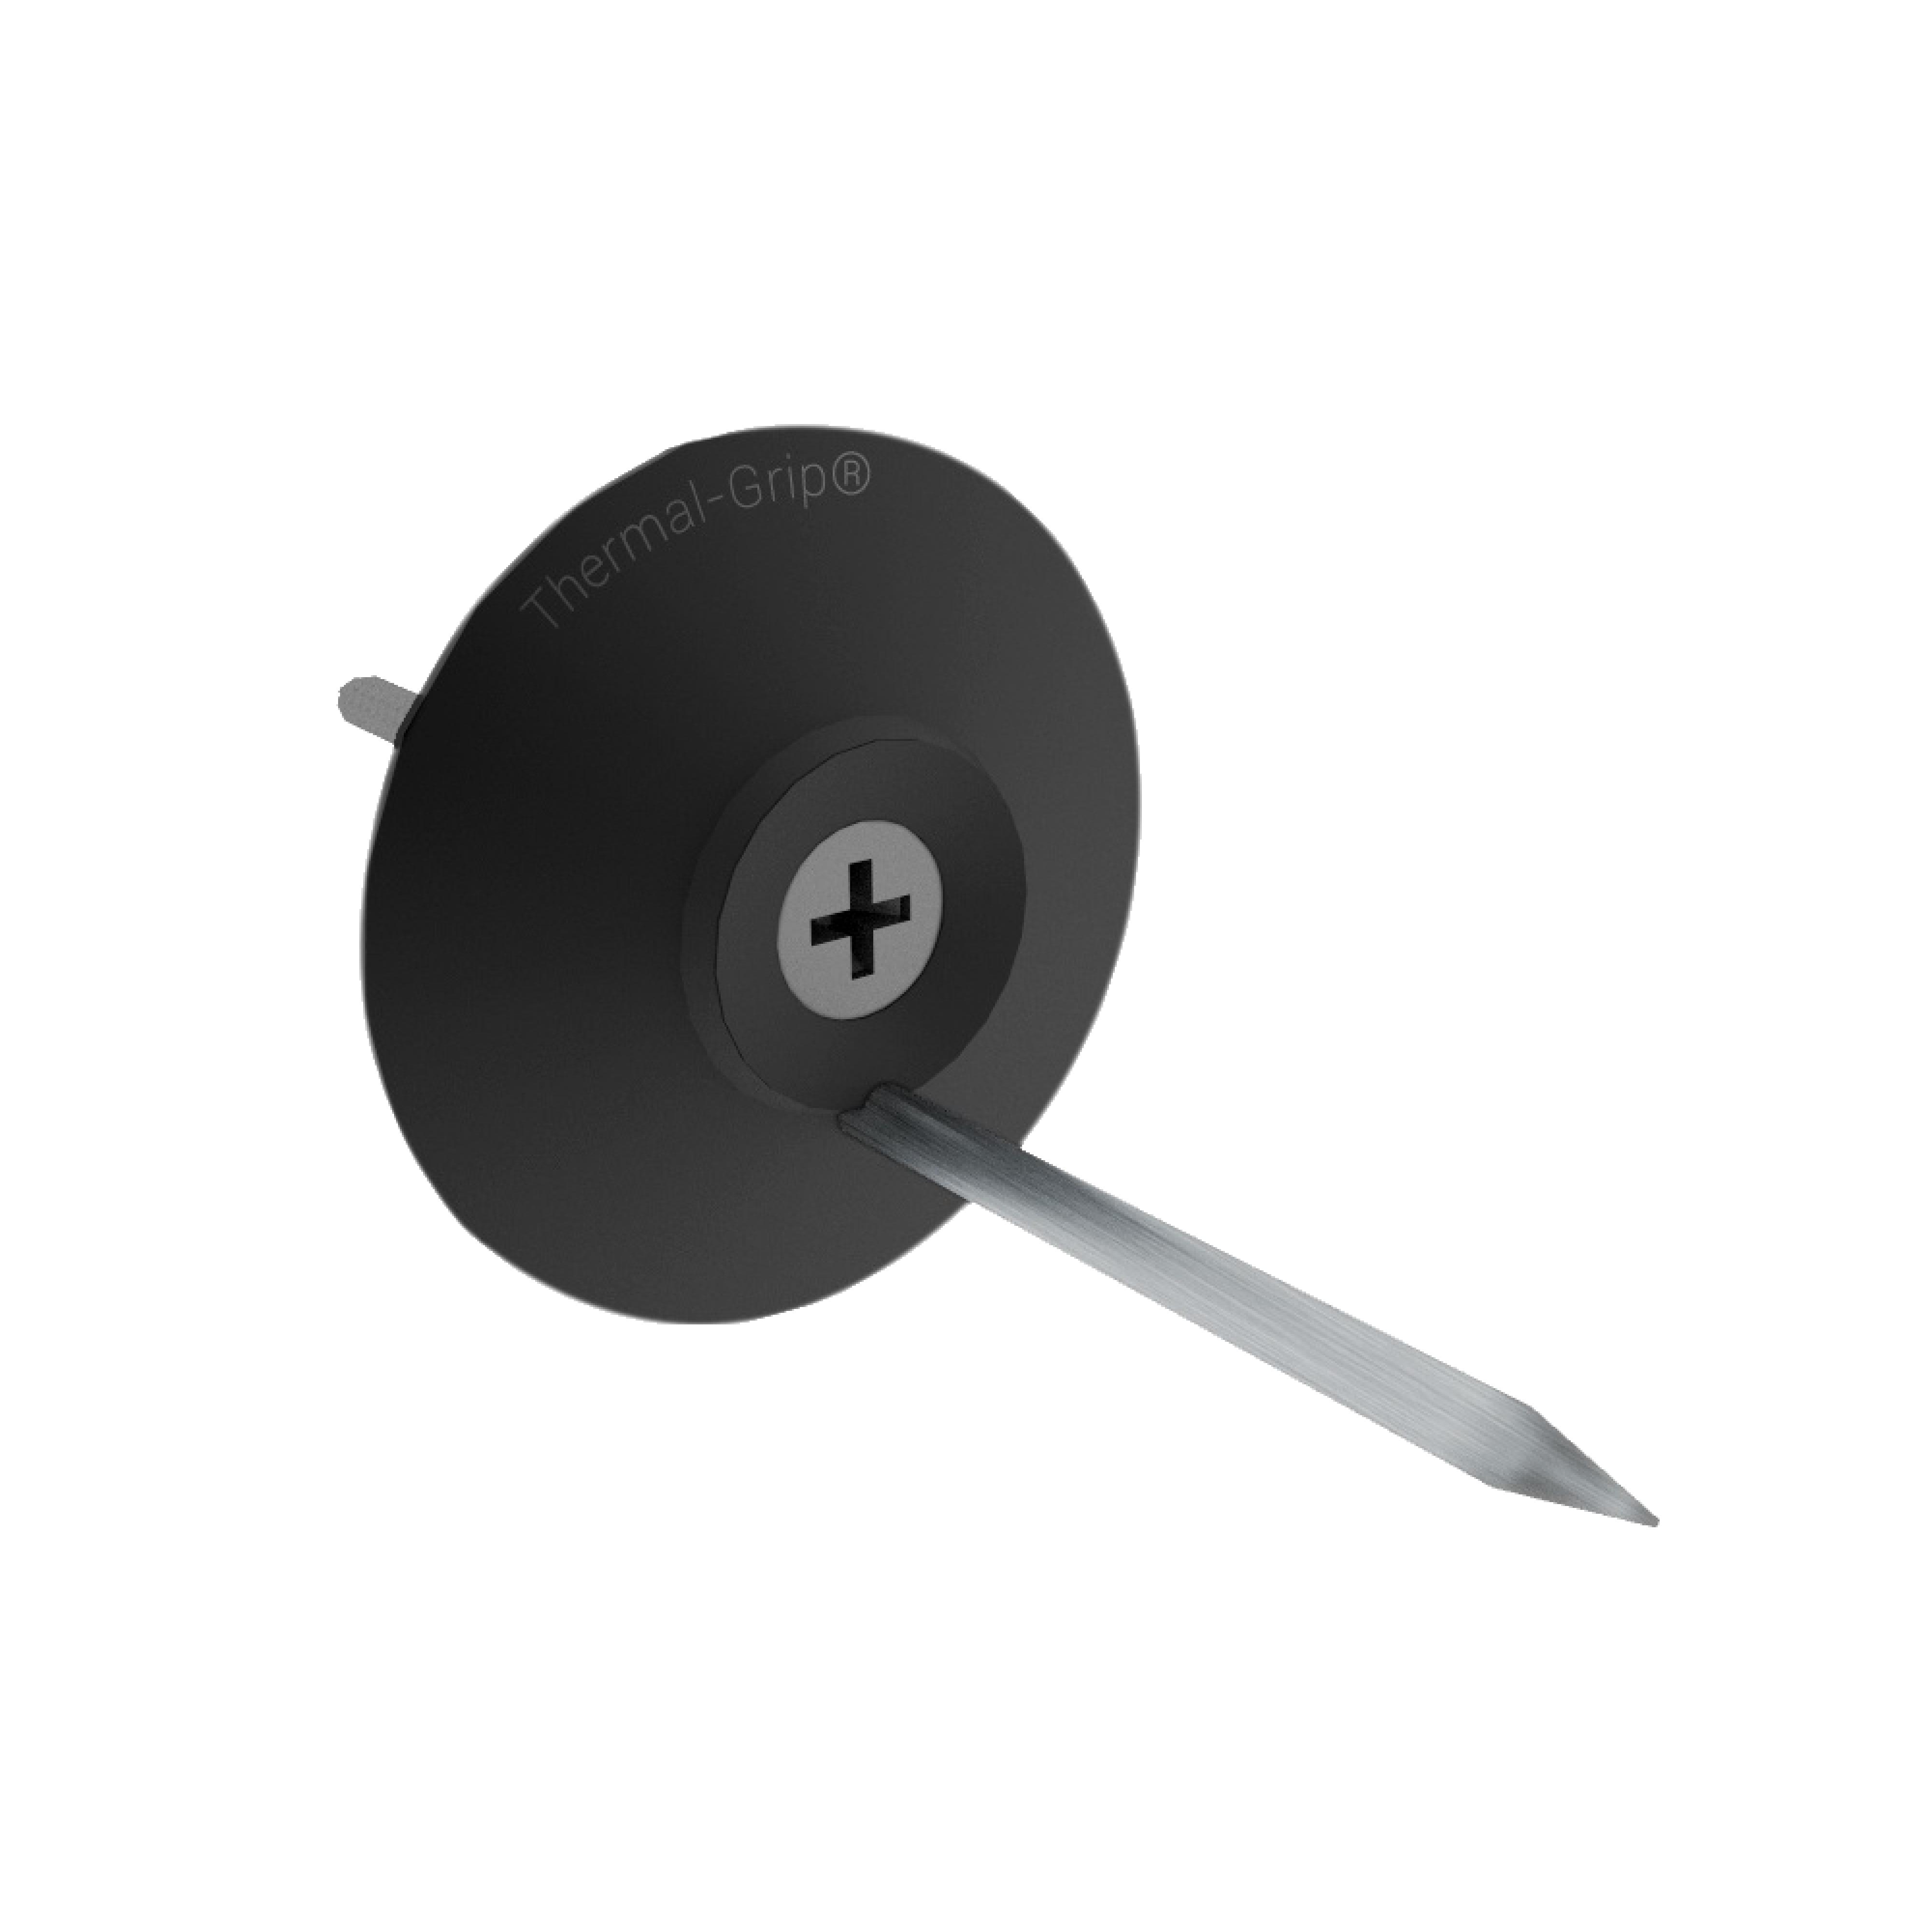 Thermal-Grip® Impaling Fastener